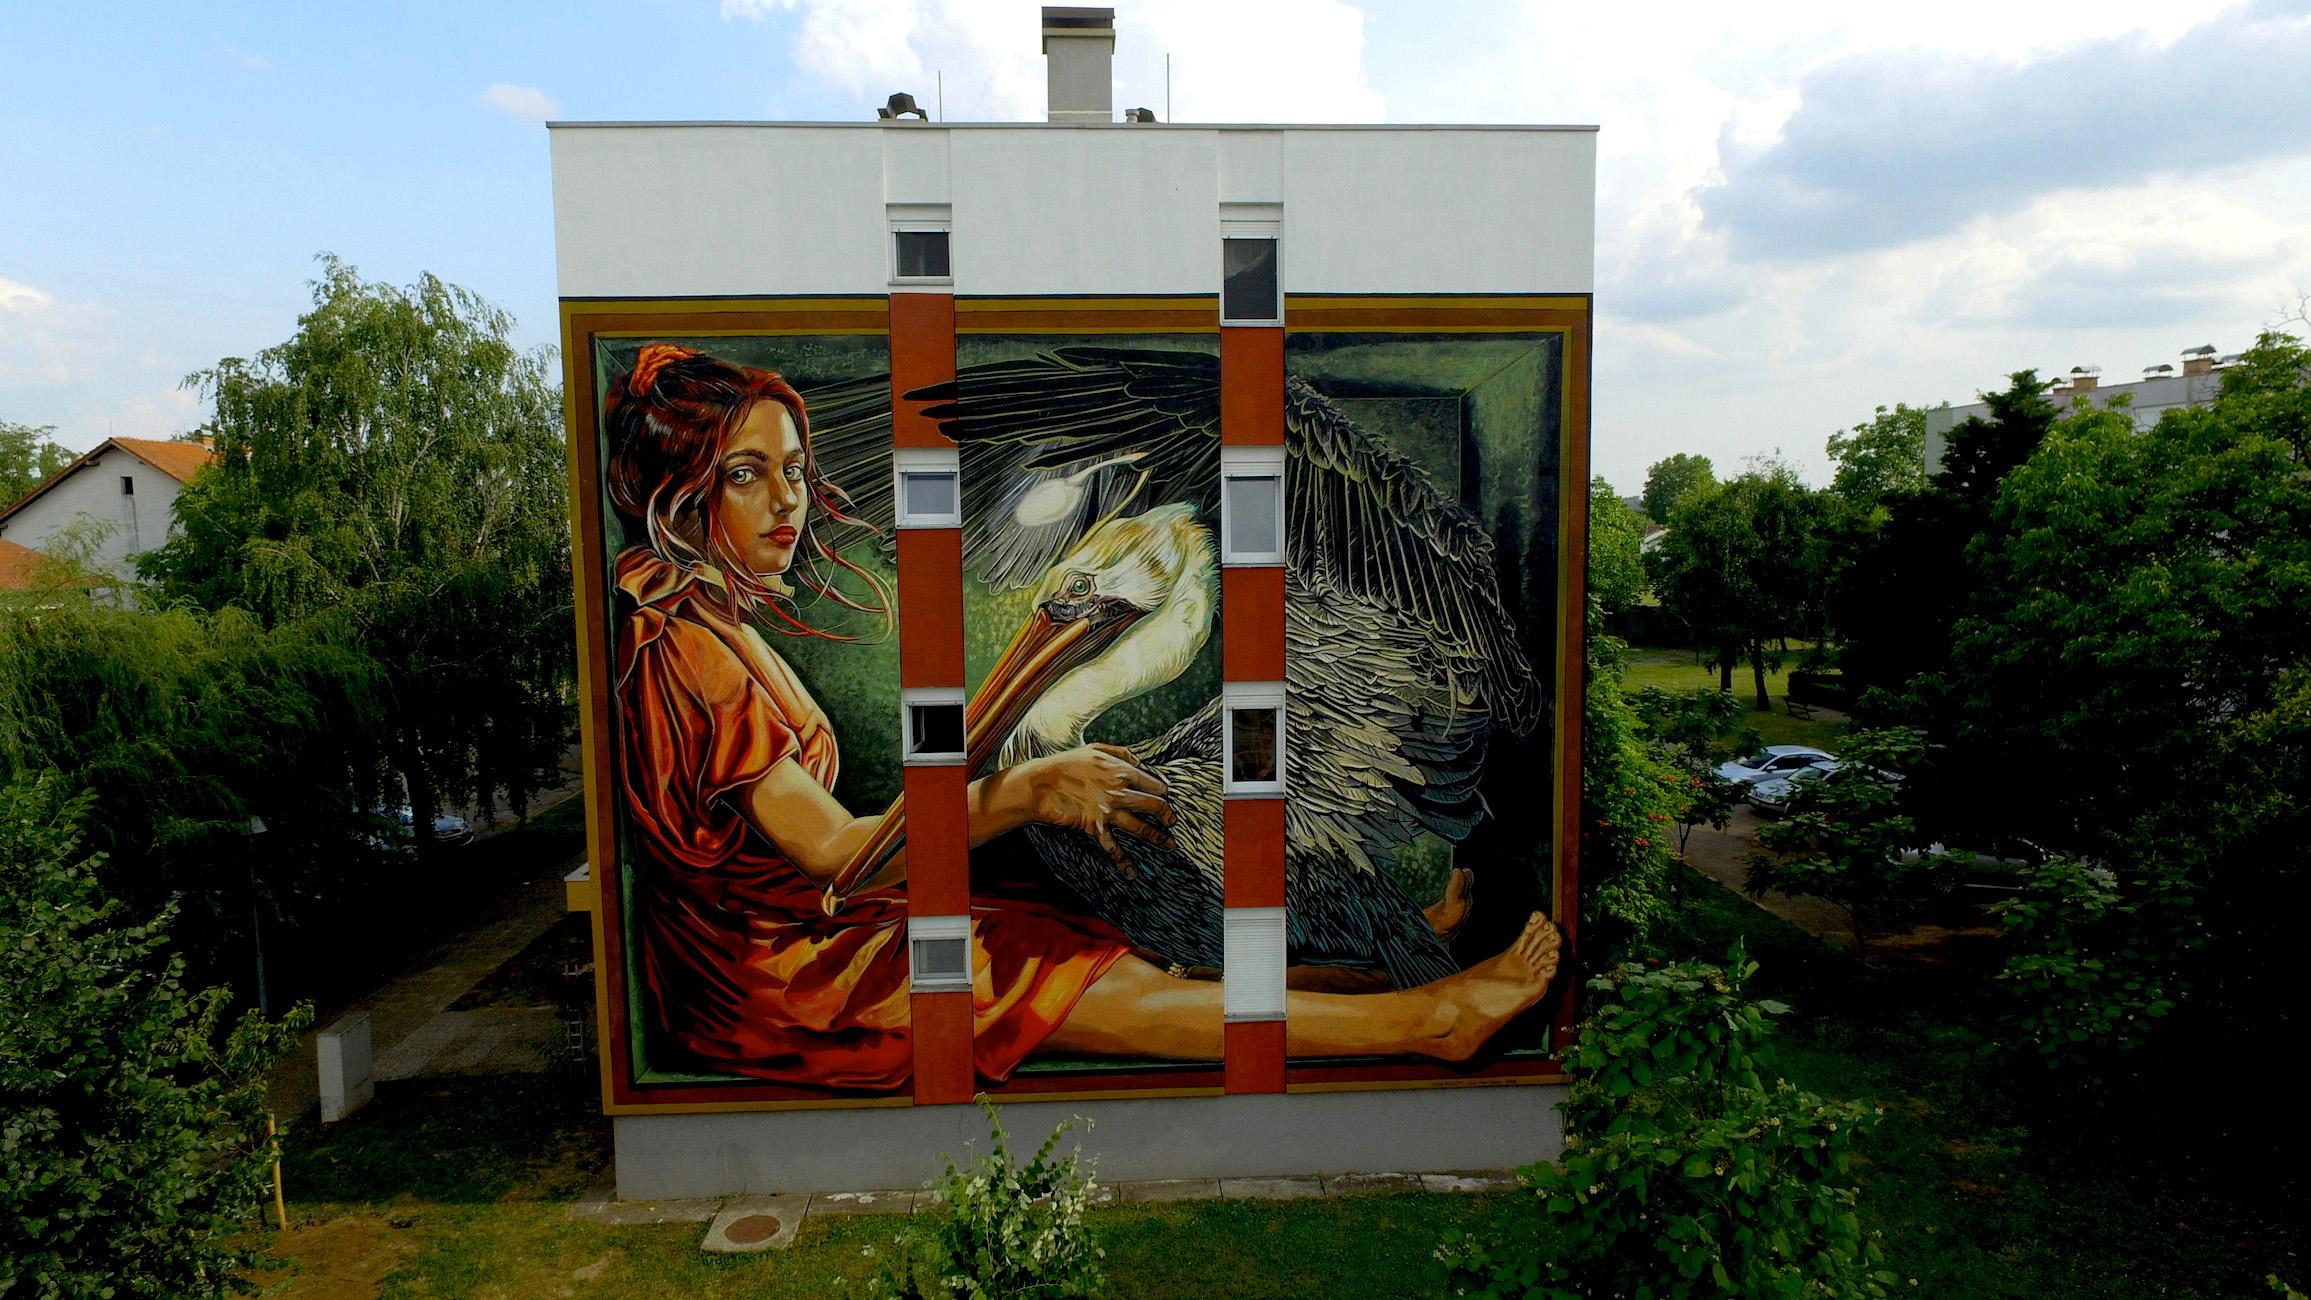 verabugatti streetart murals walls arteurbana illusioniottiche 3Dstreetart croazia murales pellicano sacrifice cristo